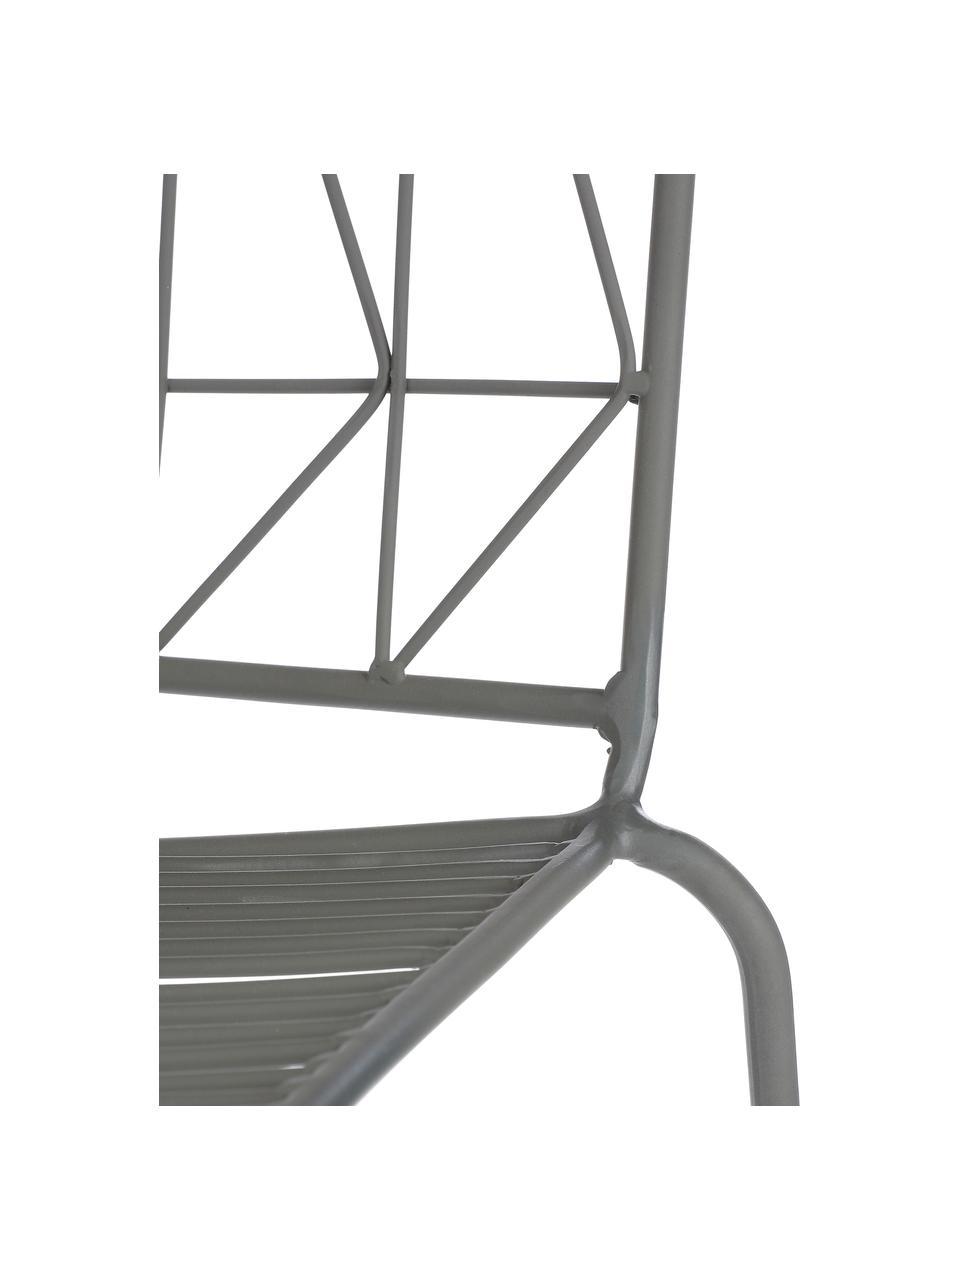 Grauer Balkonstuhl Bueno, Metall, beschichtet, Grau, 55 x 77 cm